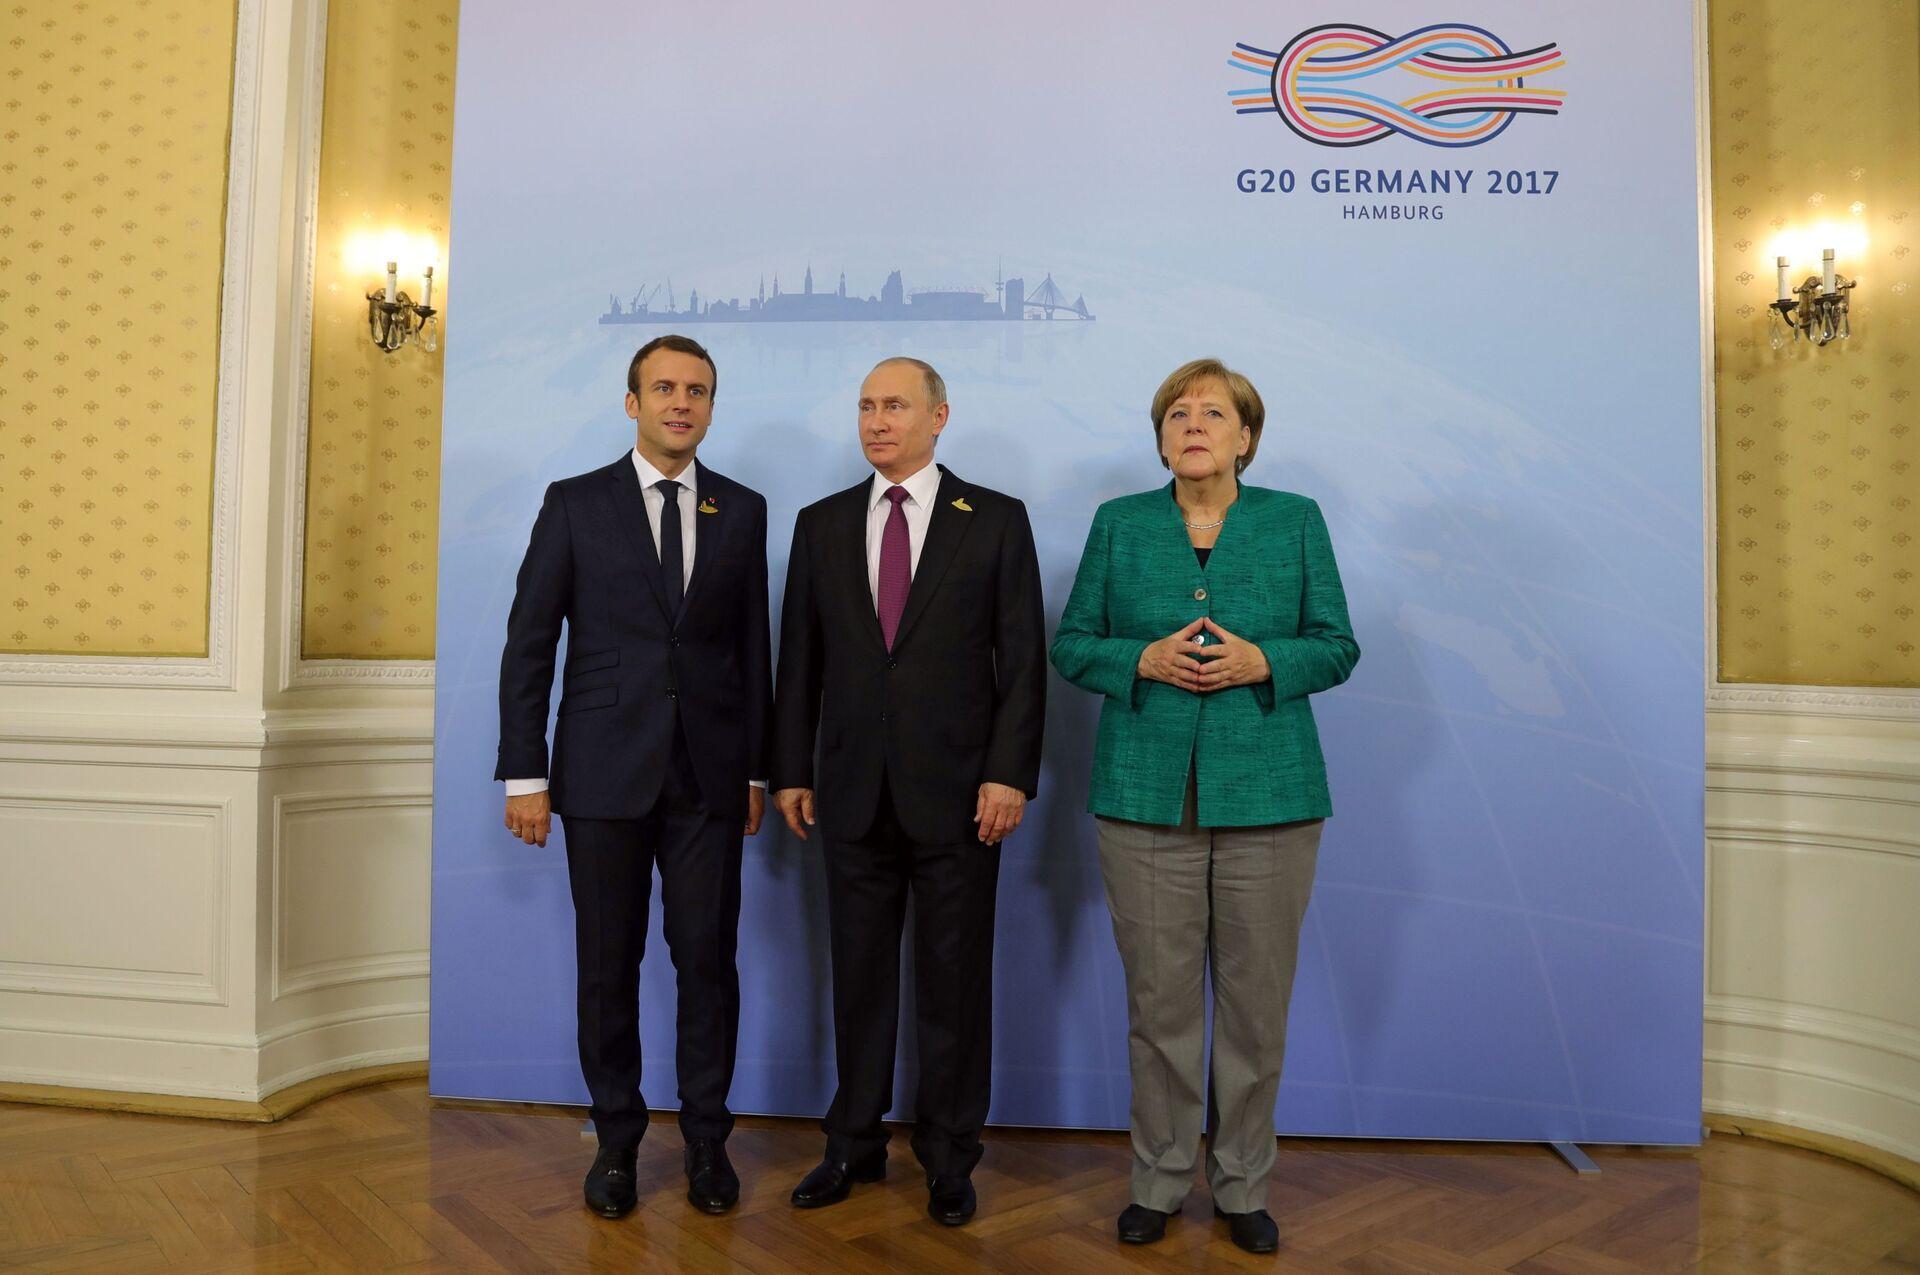 Putin a colloquio con Merkel e Macron: Disponibili a ripristinare relazioni con l'Ue - Sputnik Italia, 1920, 31.03.2021